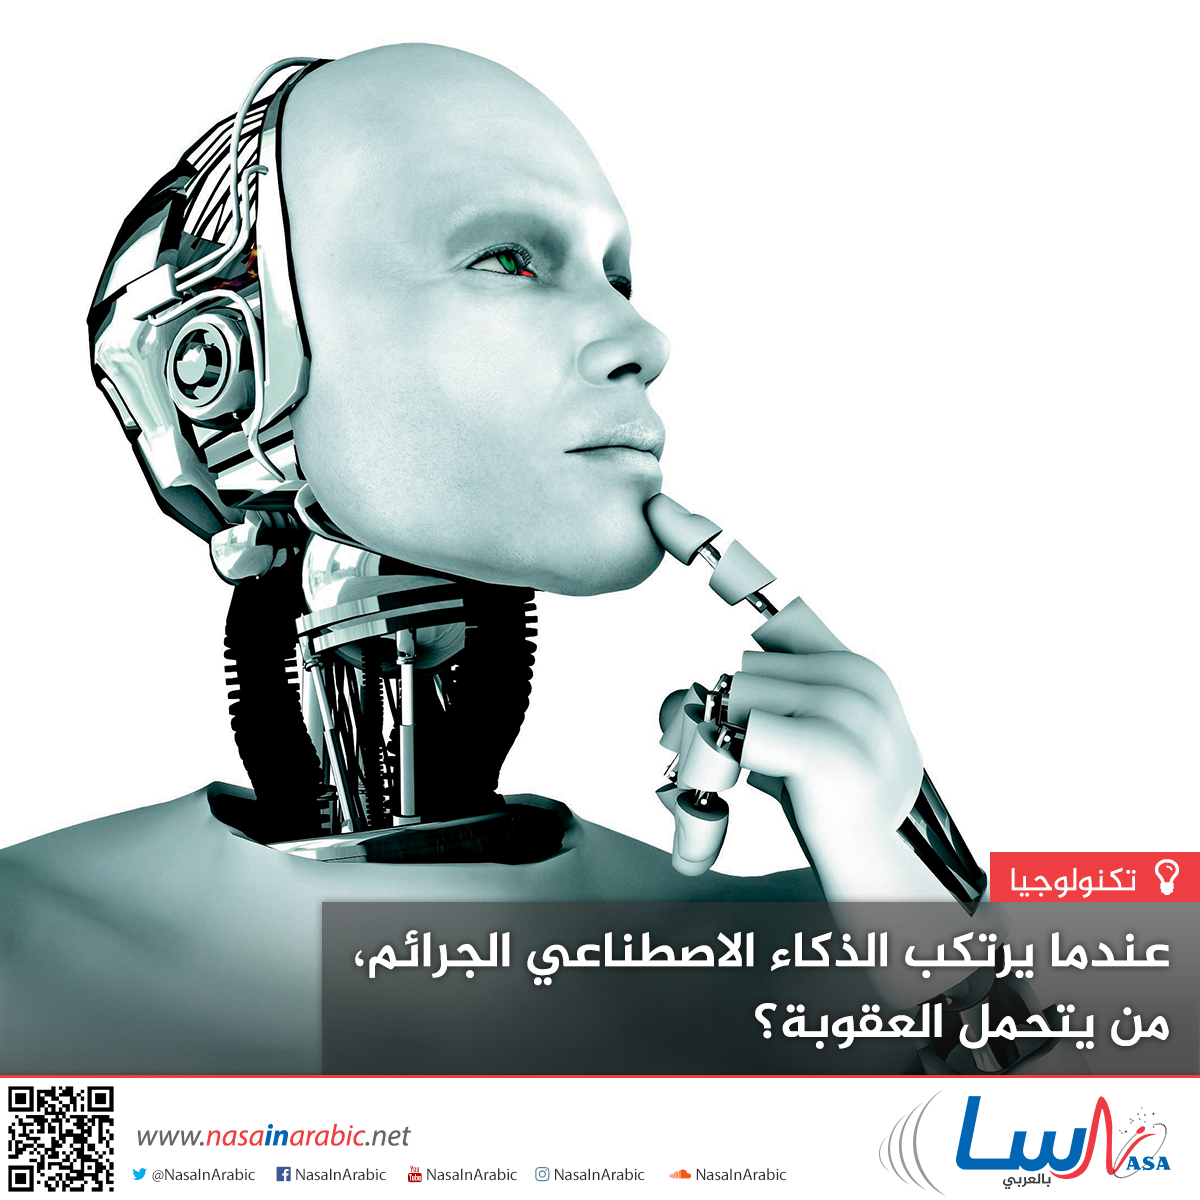 عندما يرتكب الذكاء الاصطناعي الجرائم، من يتحمل العقوبة؟